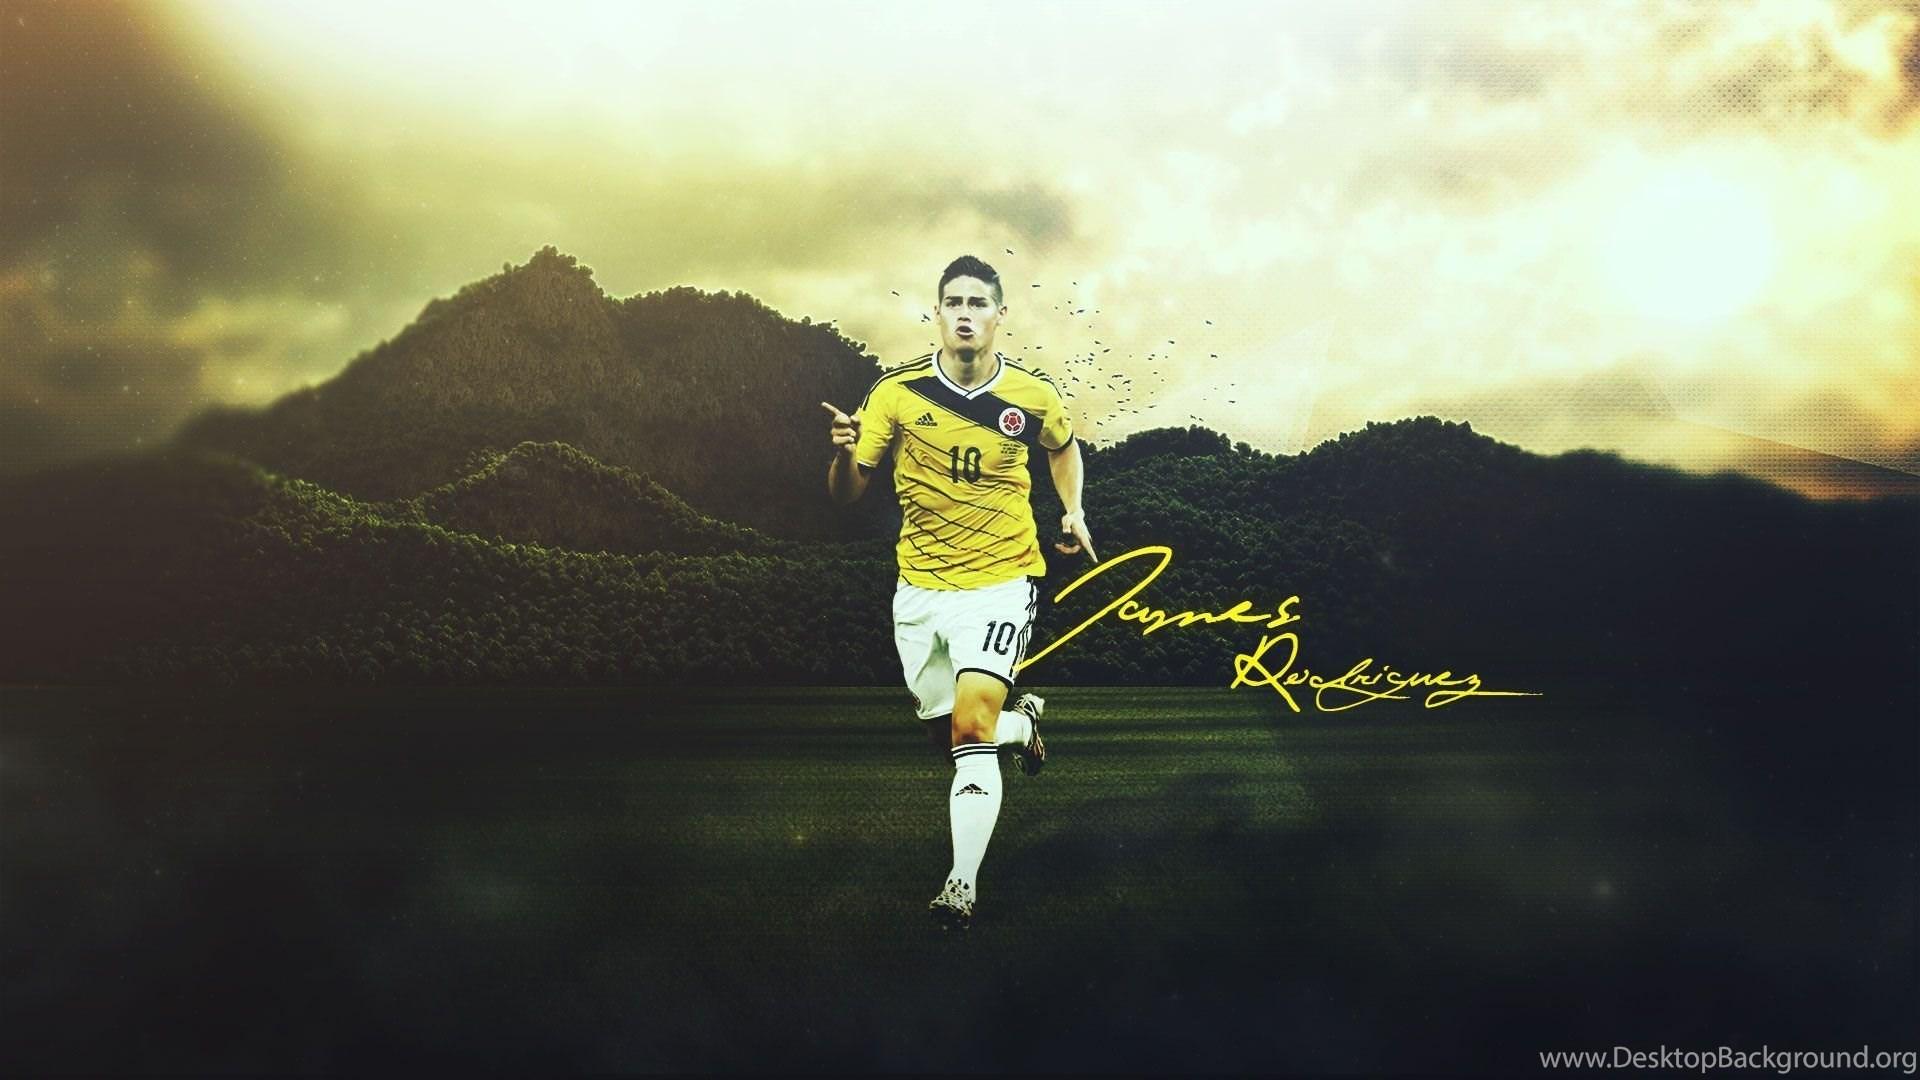 Poster Bola Lionel Messi PosterBola Desktop Background